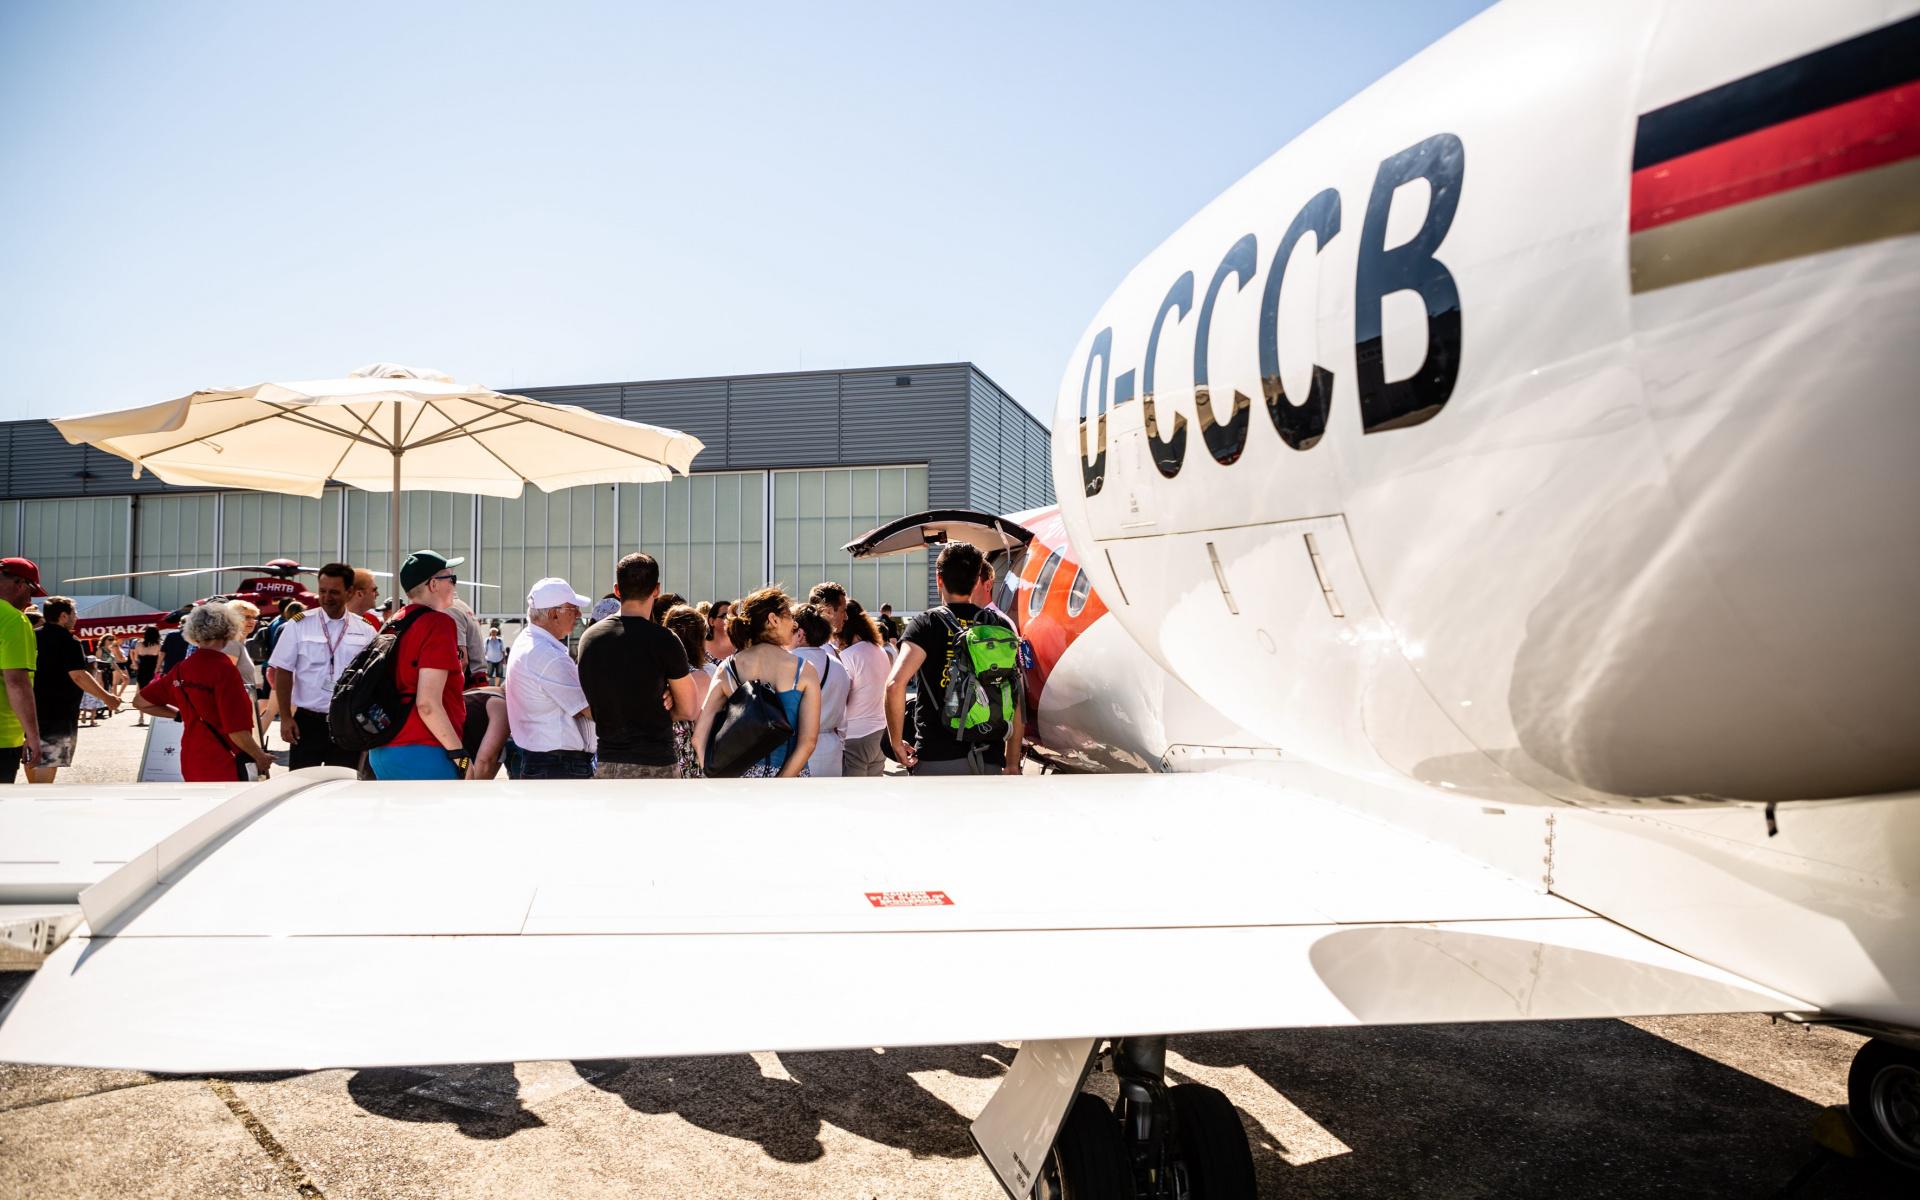 Mit ihren Ambulanzjets führt die DRF Luftrettung weltweite Patiententransporte durch.